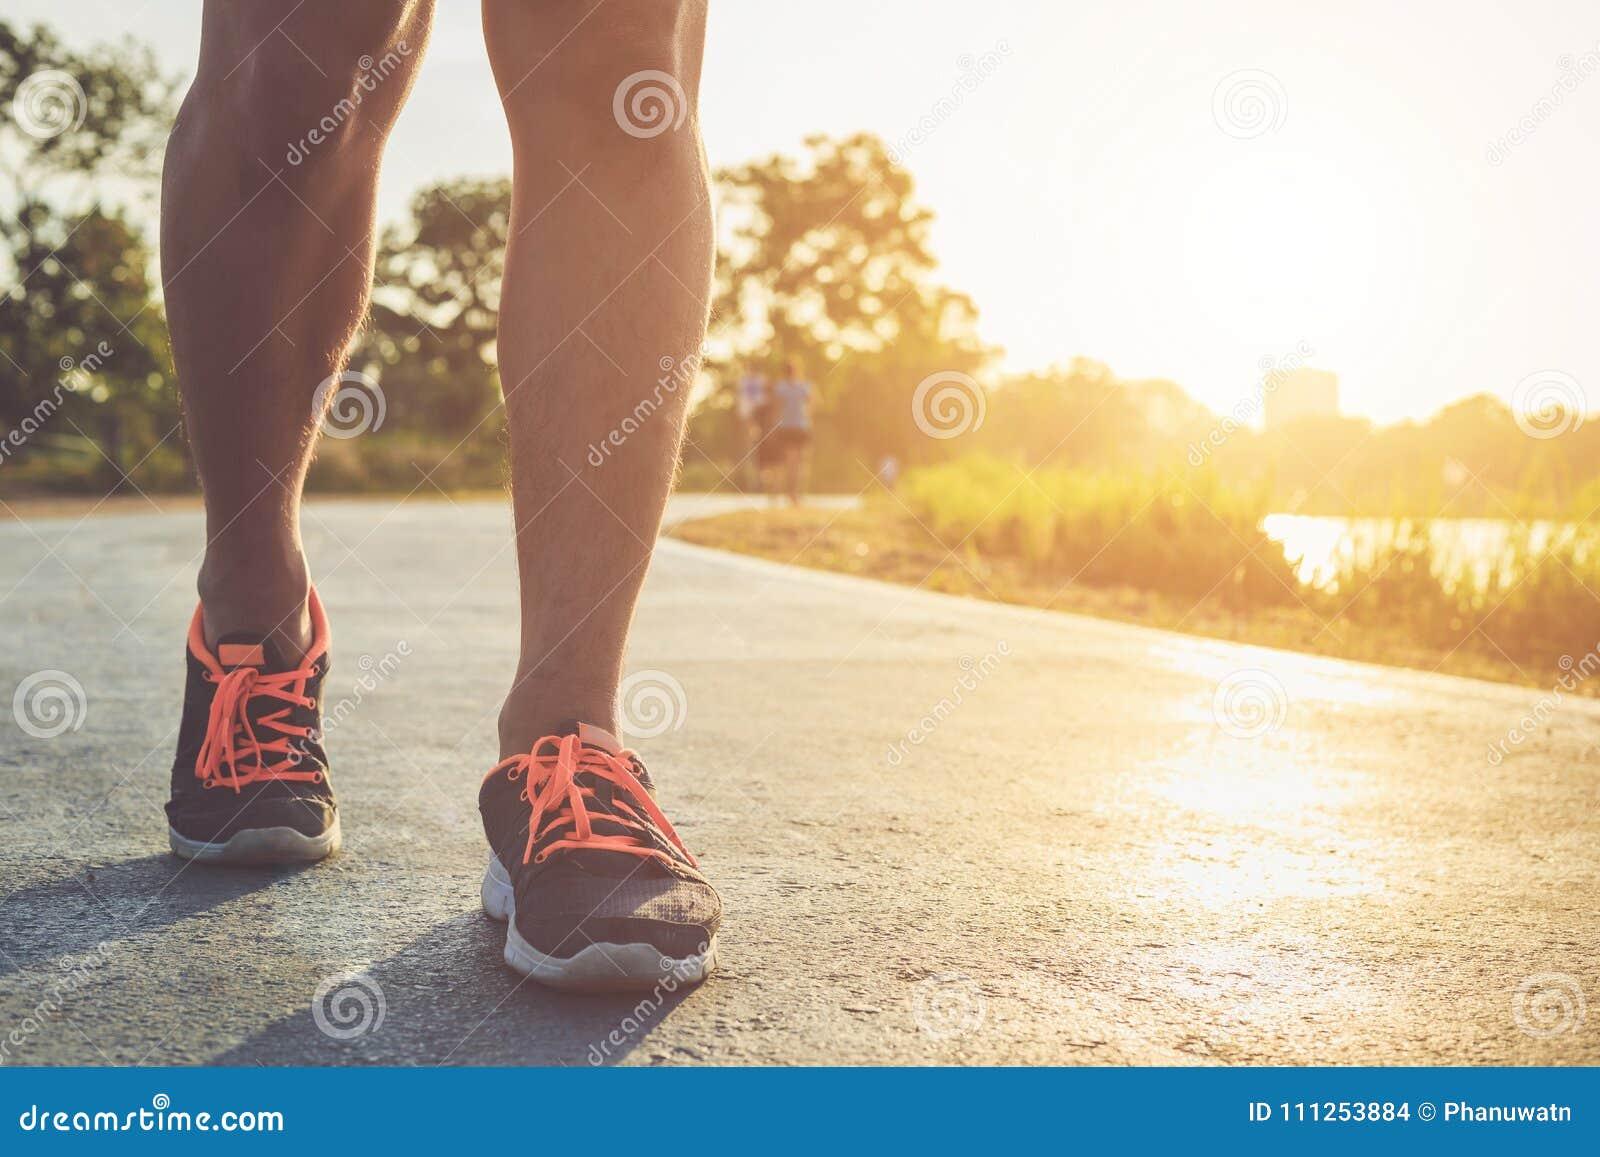 Man workout wellness concept : Runner feet with sneaker shoe run